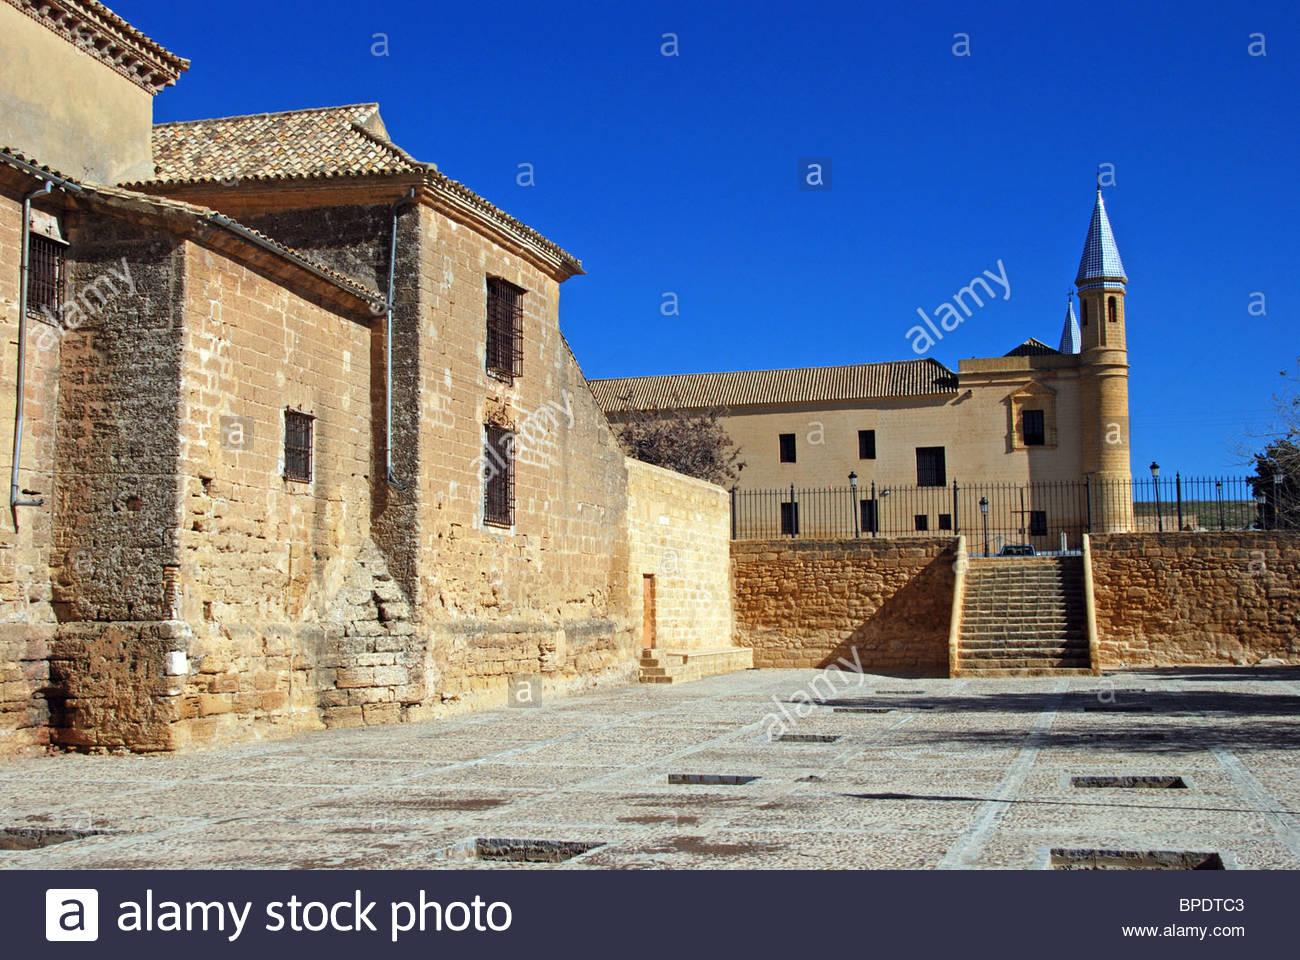 Iglesia colegial de Santa María), Osuna, provincia de Sevilla, Andalucía, España, Europa Occidental. Imagen De Stock